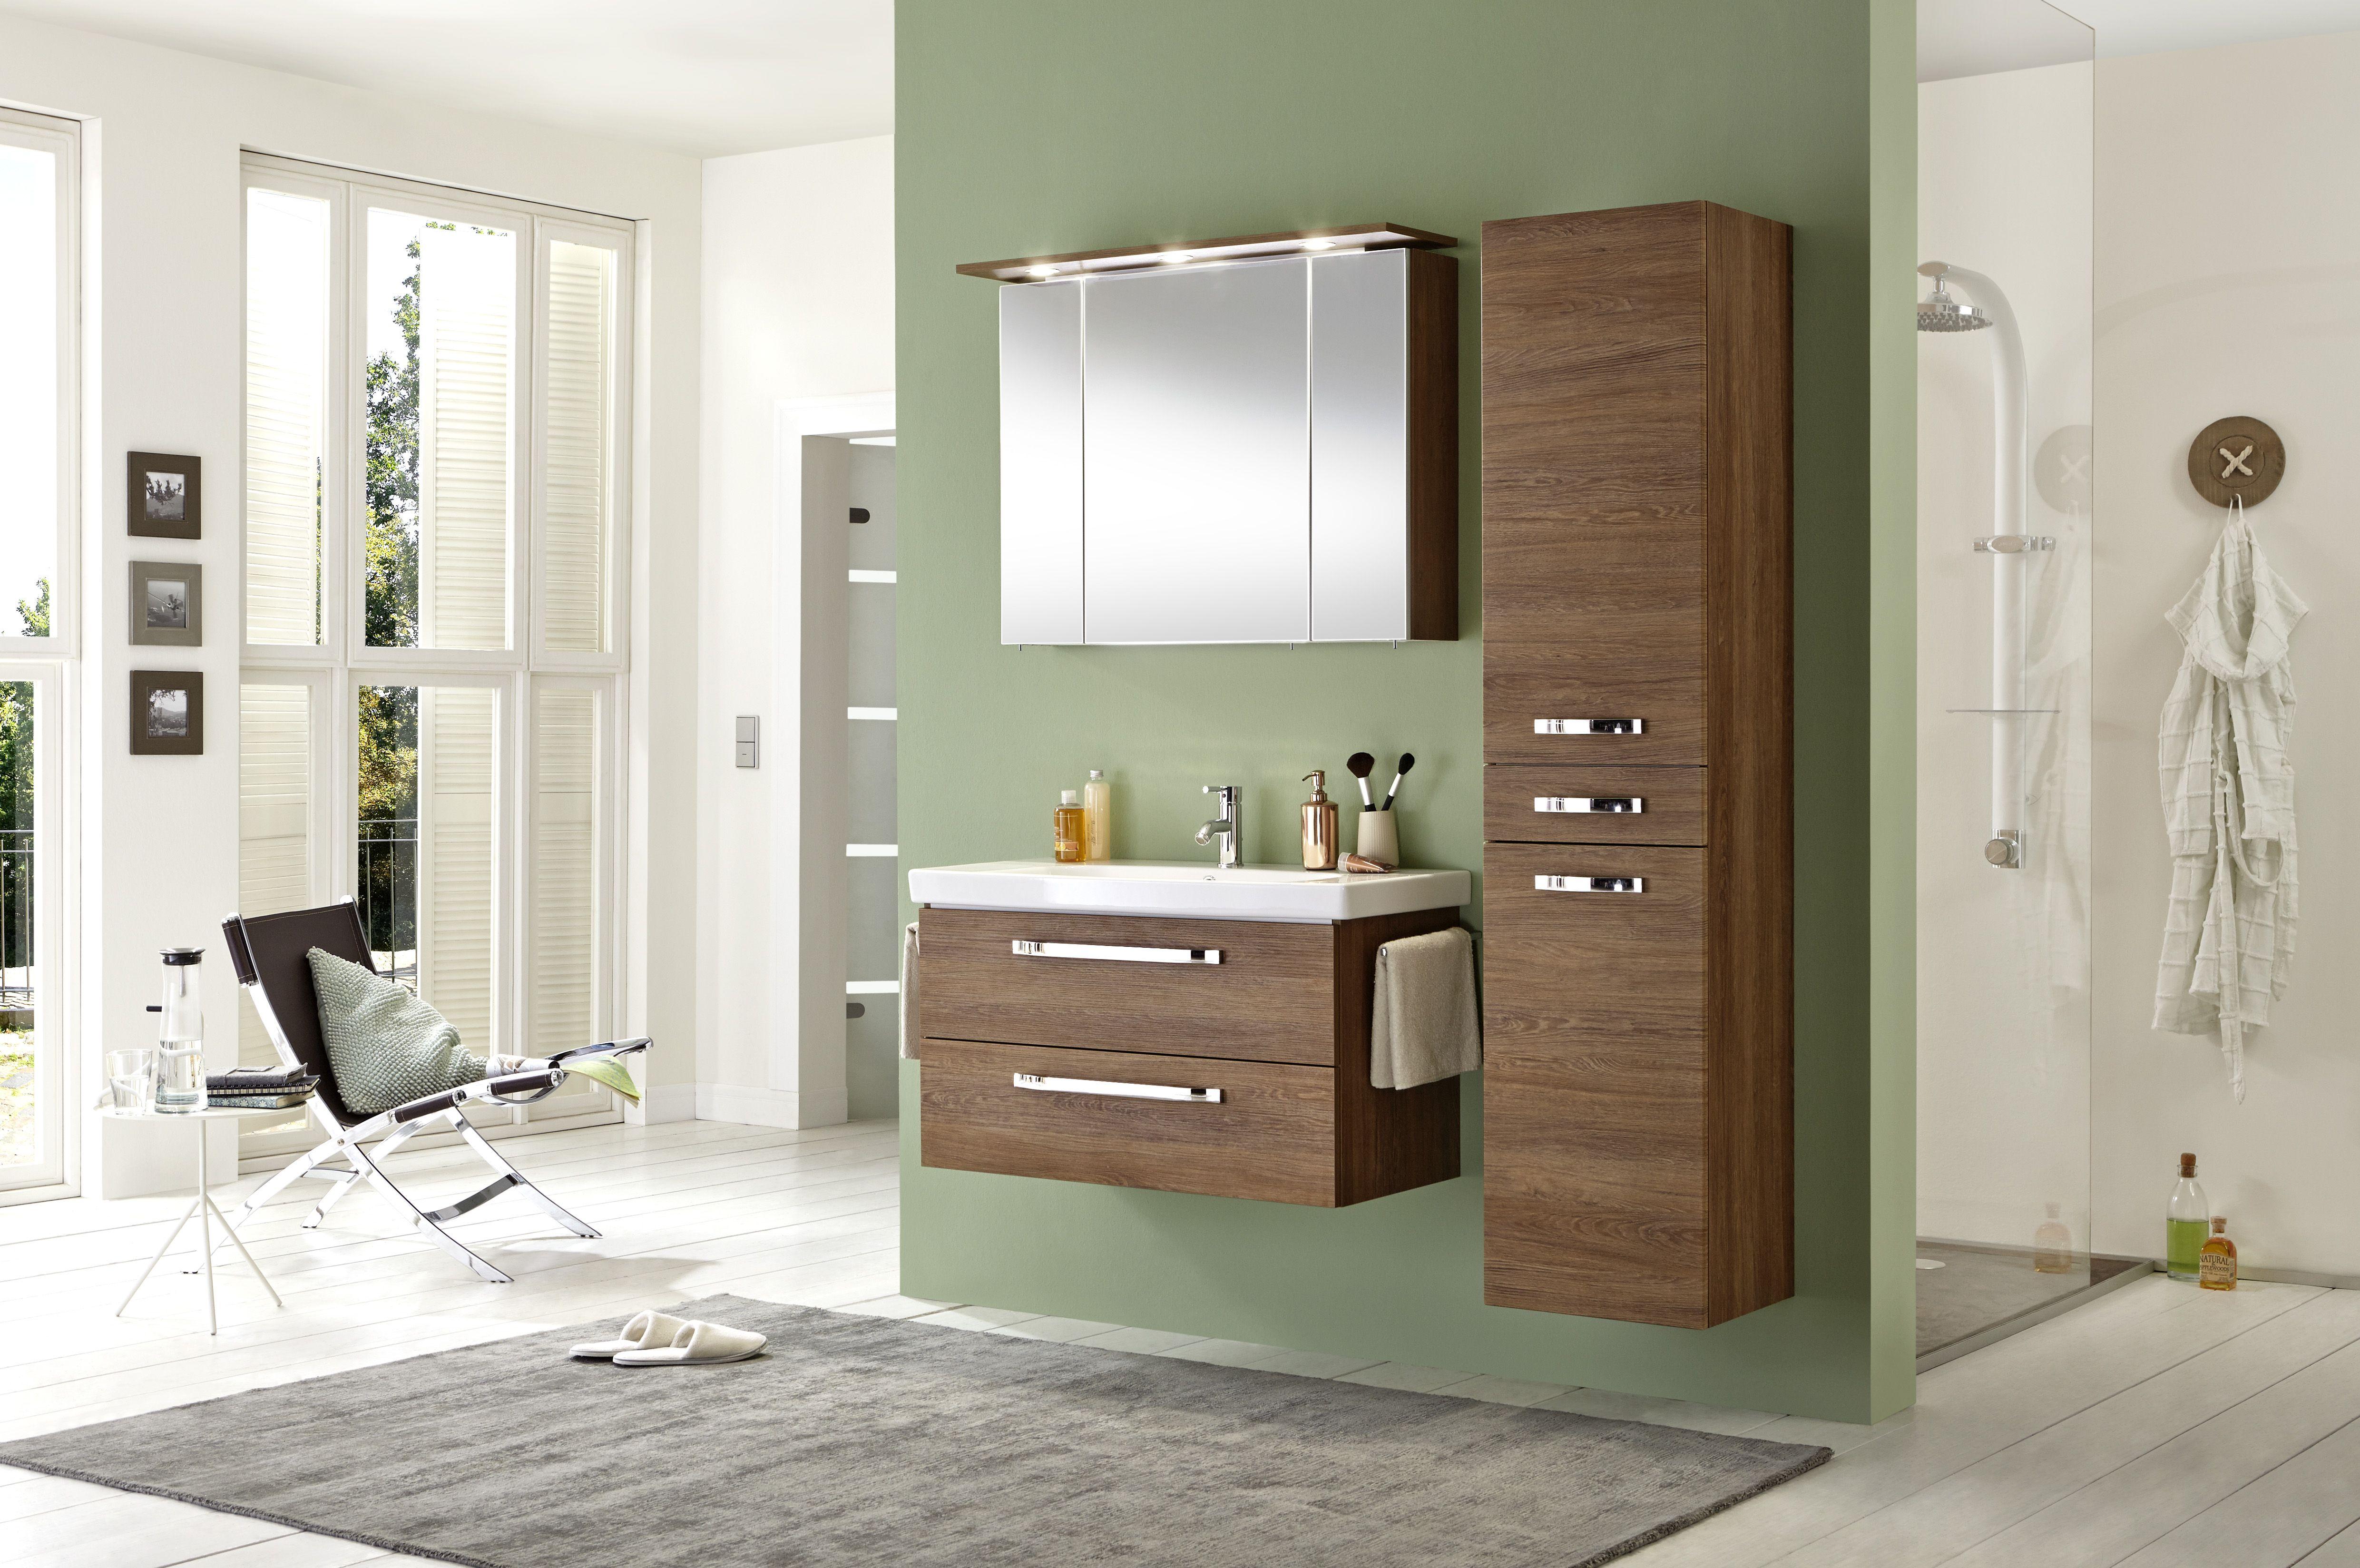 marlin badm bel marlin bad 3060 g nstig kaufen m bel universum. Black Bedroom Furniture Sets. Home Design Ideas